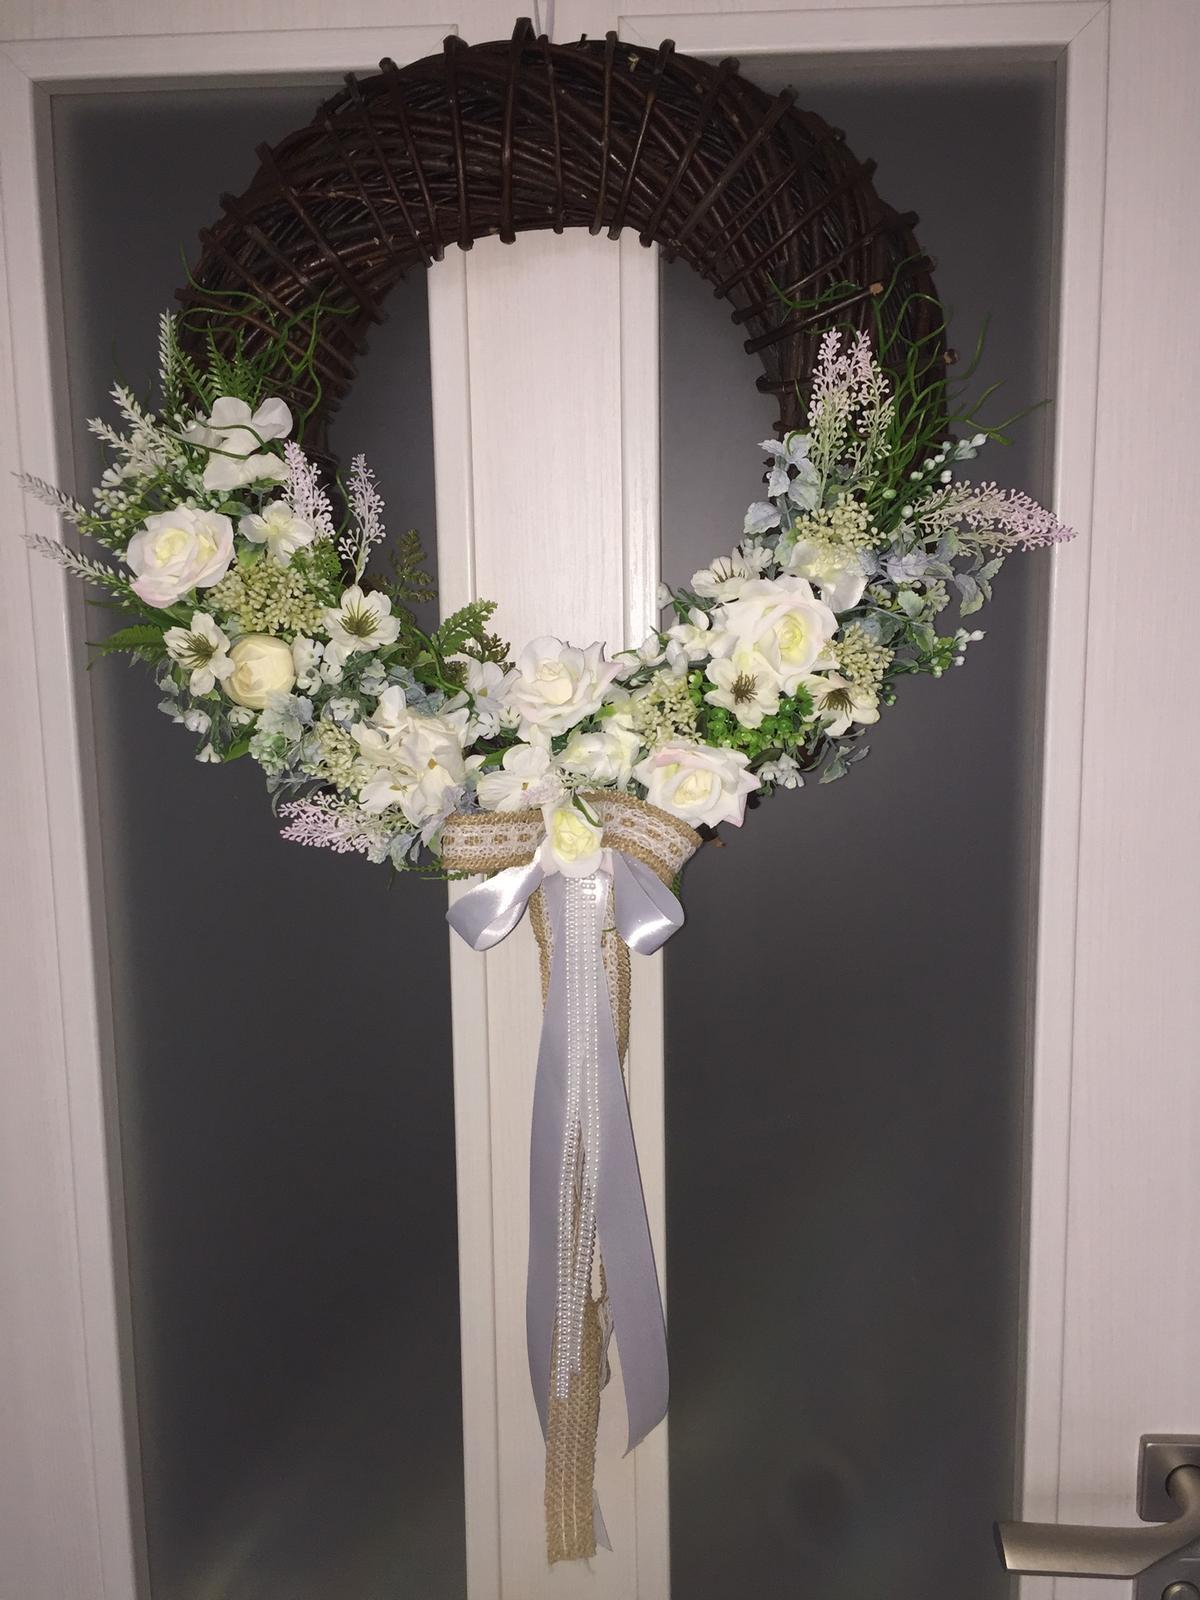 Svadobny veniec na dvere - Obrázok č. 1